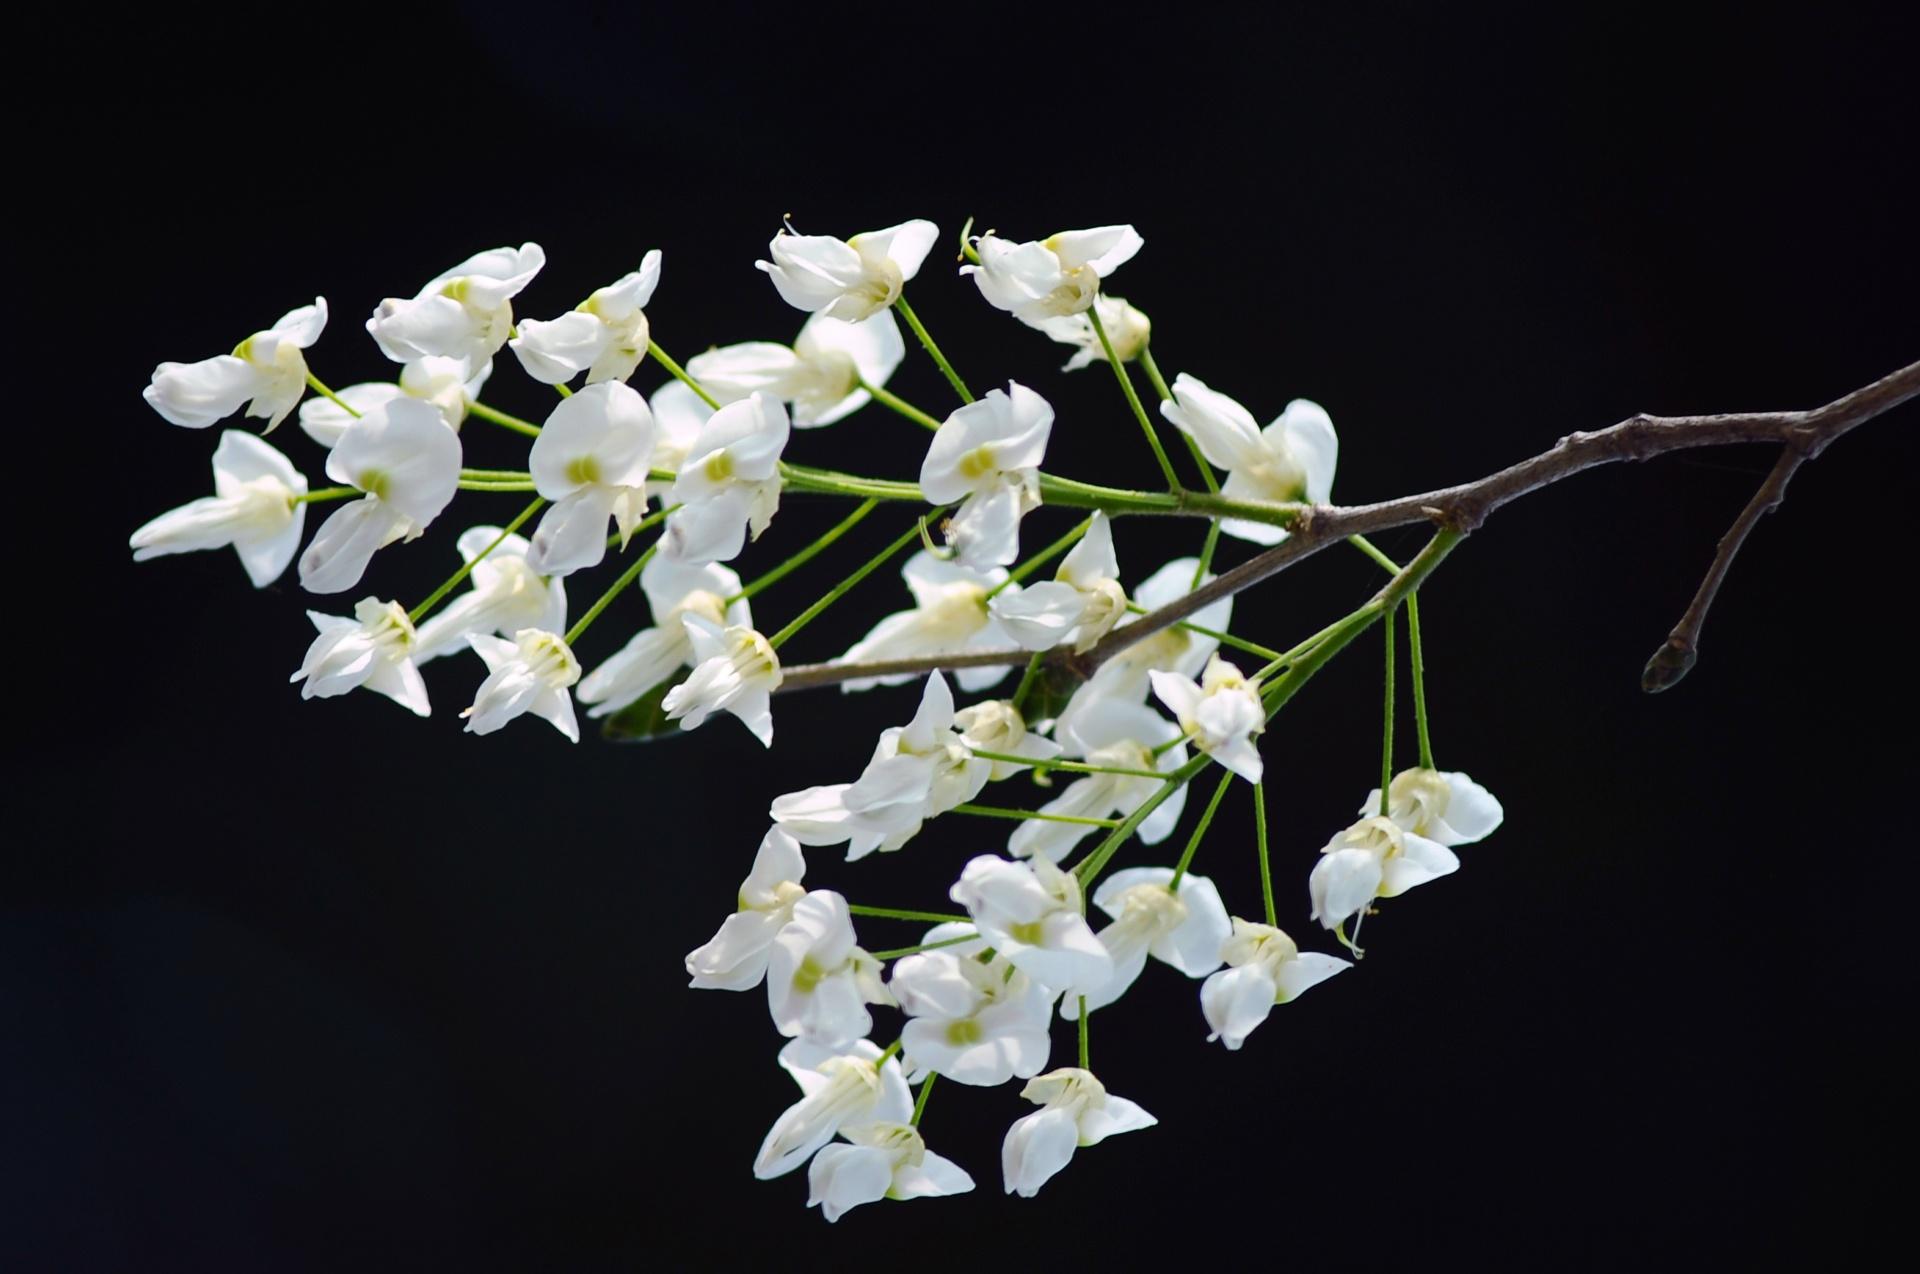 nhung mua hoa o Ha Noi anh 48